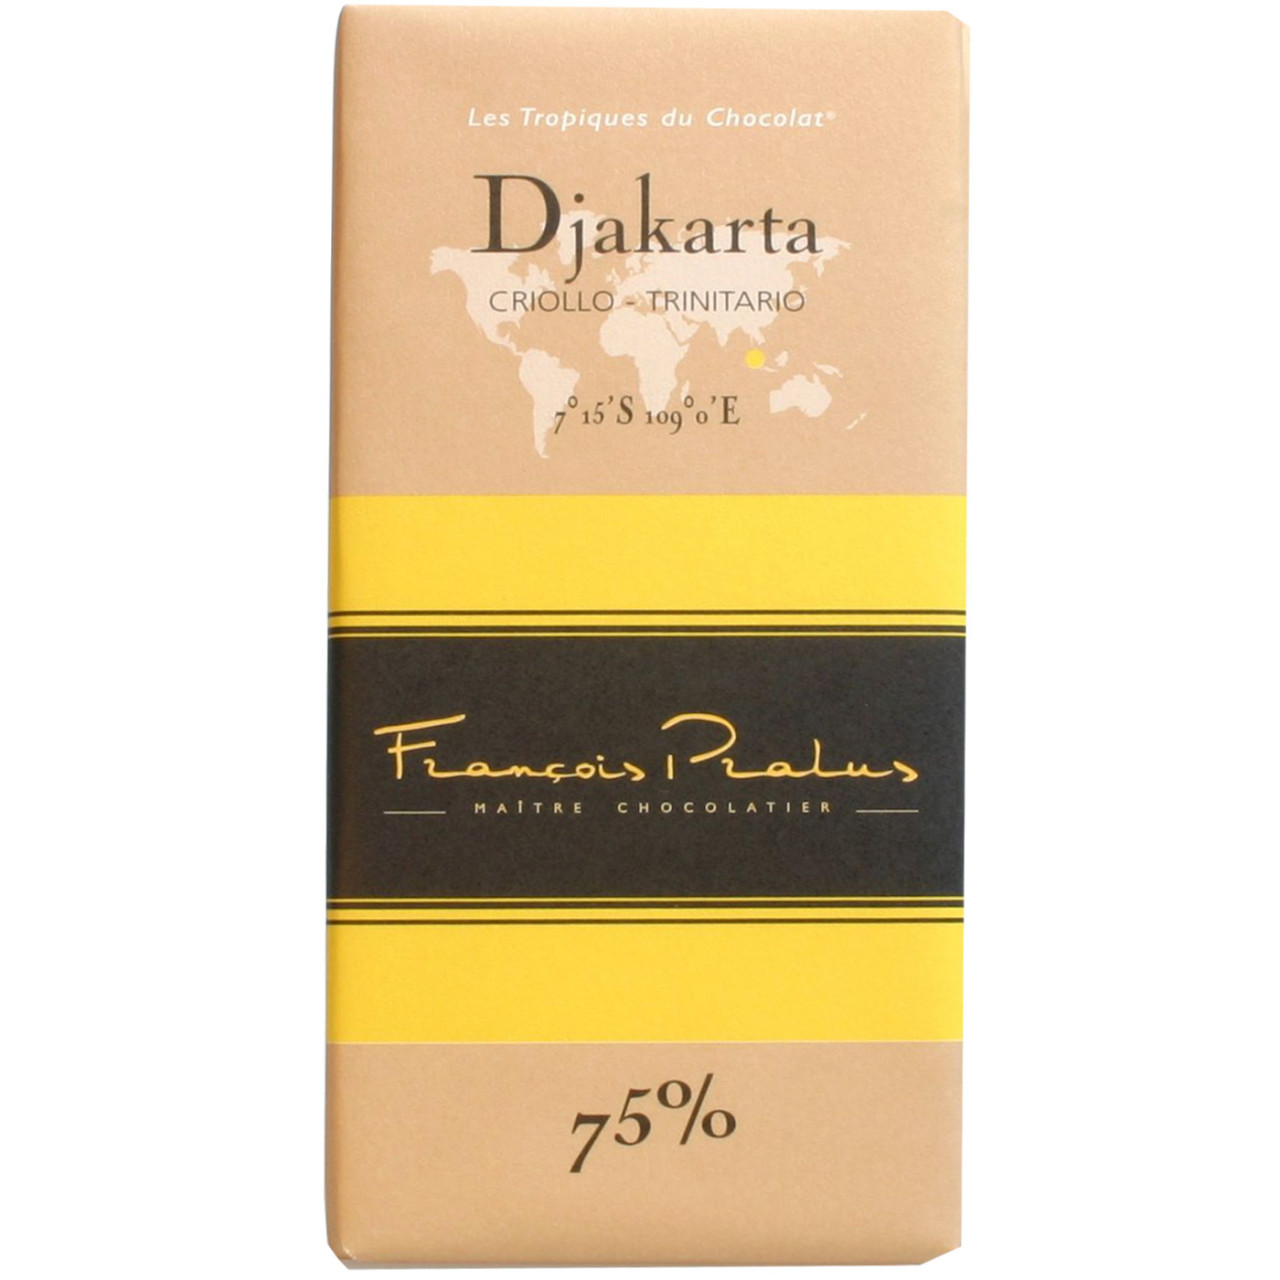 Pralus Frankreich dunkle Schokolade 75% Djakarta Criollo Forastero dark chocolate chocolat noir                                                                                                          - Tablette de chocolat, France, chocolat français - Chocolats-De-Luxe